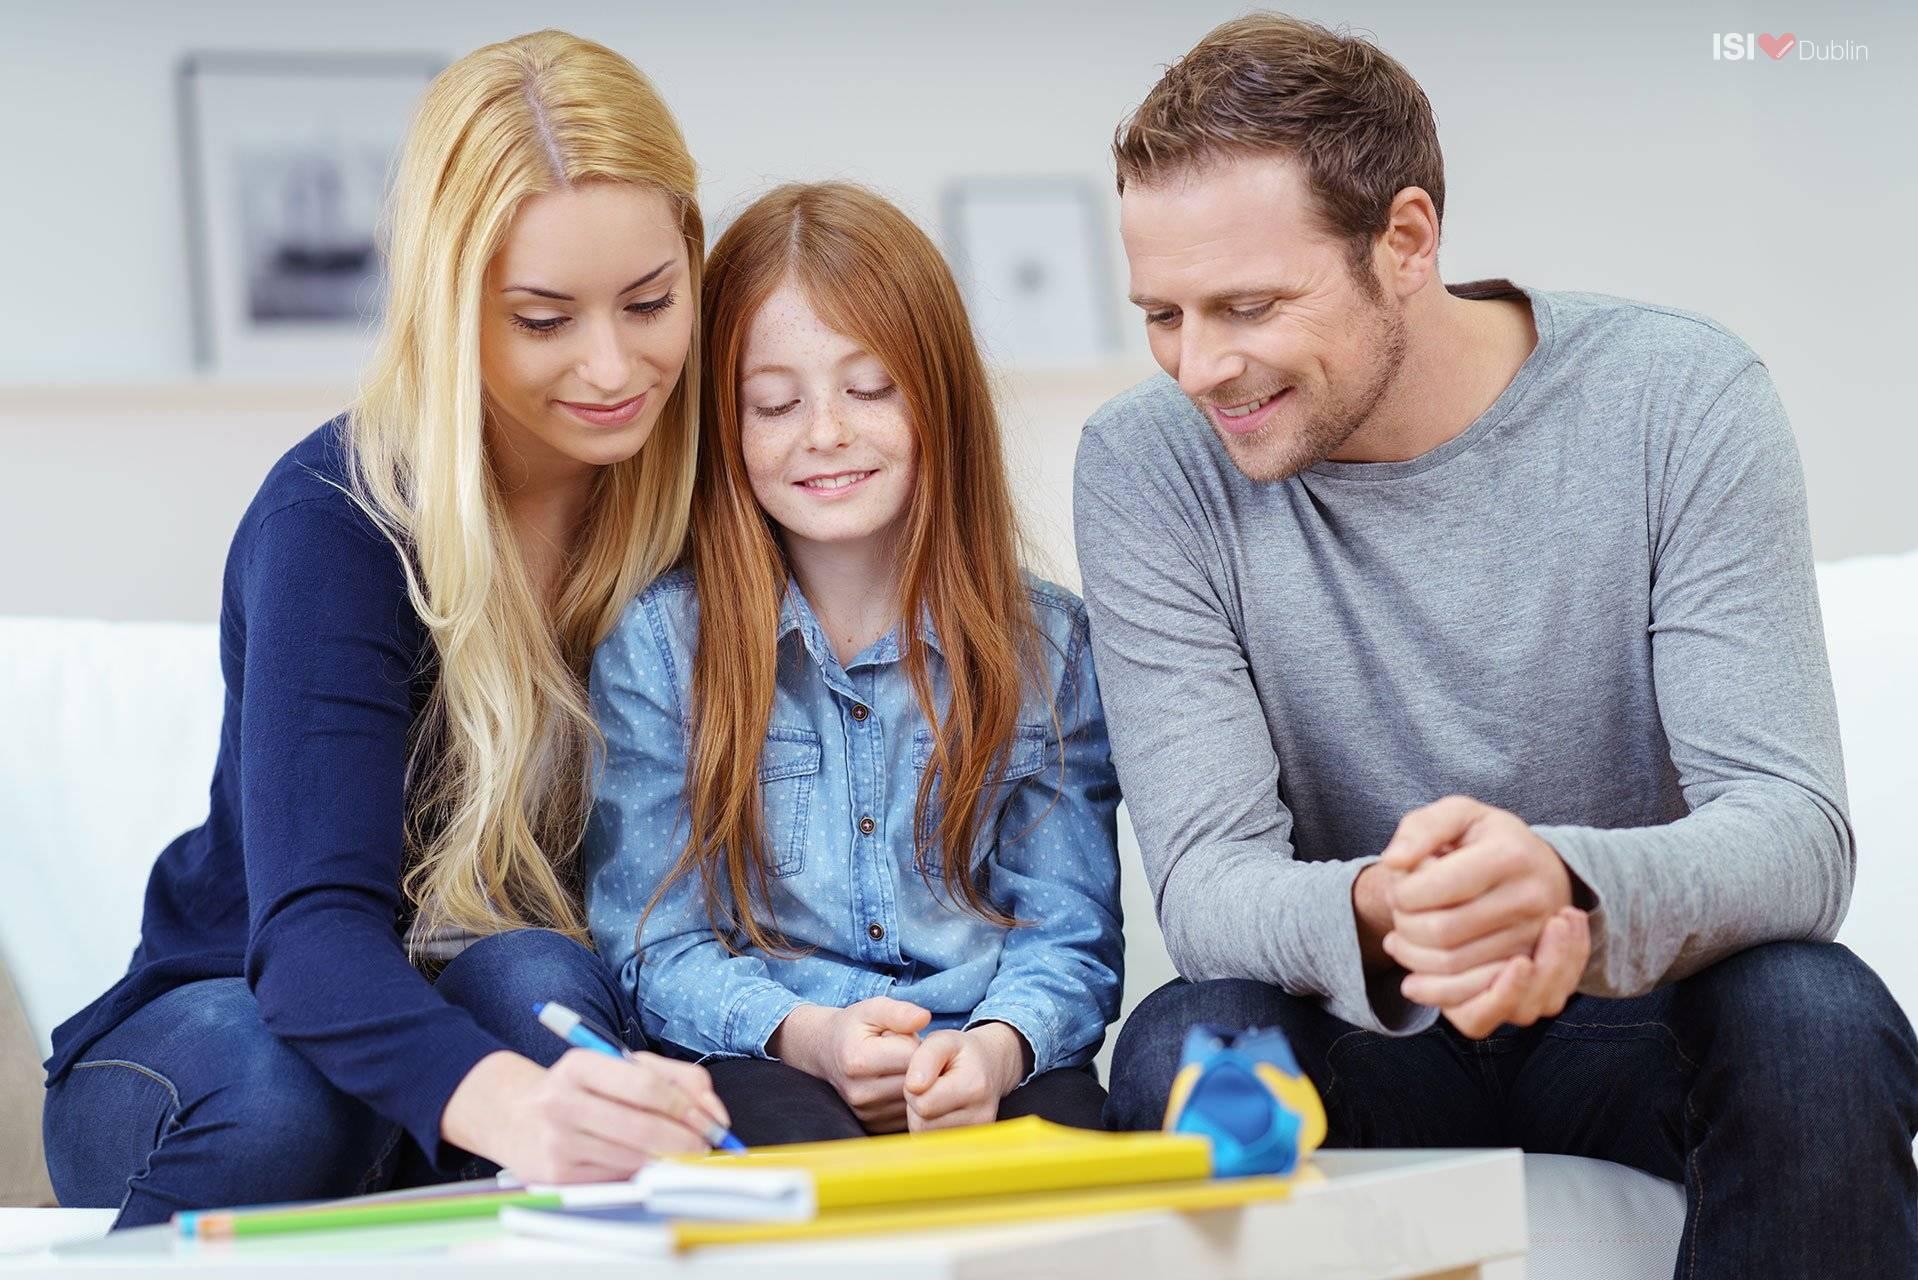 Family Programme